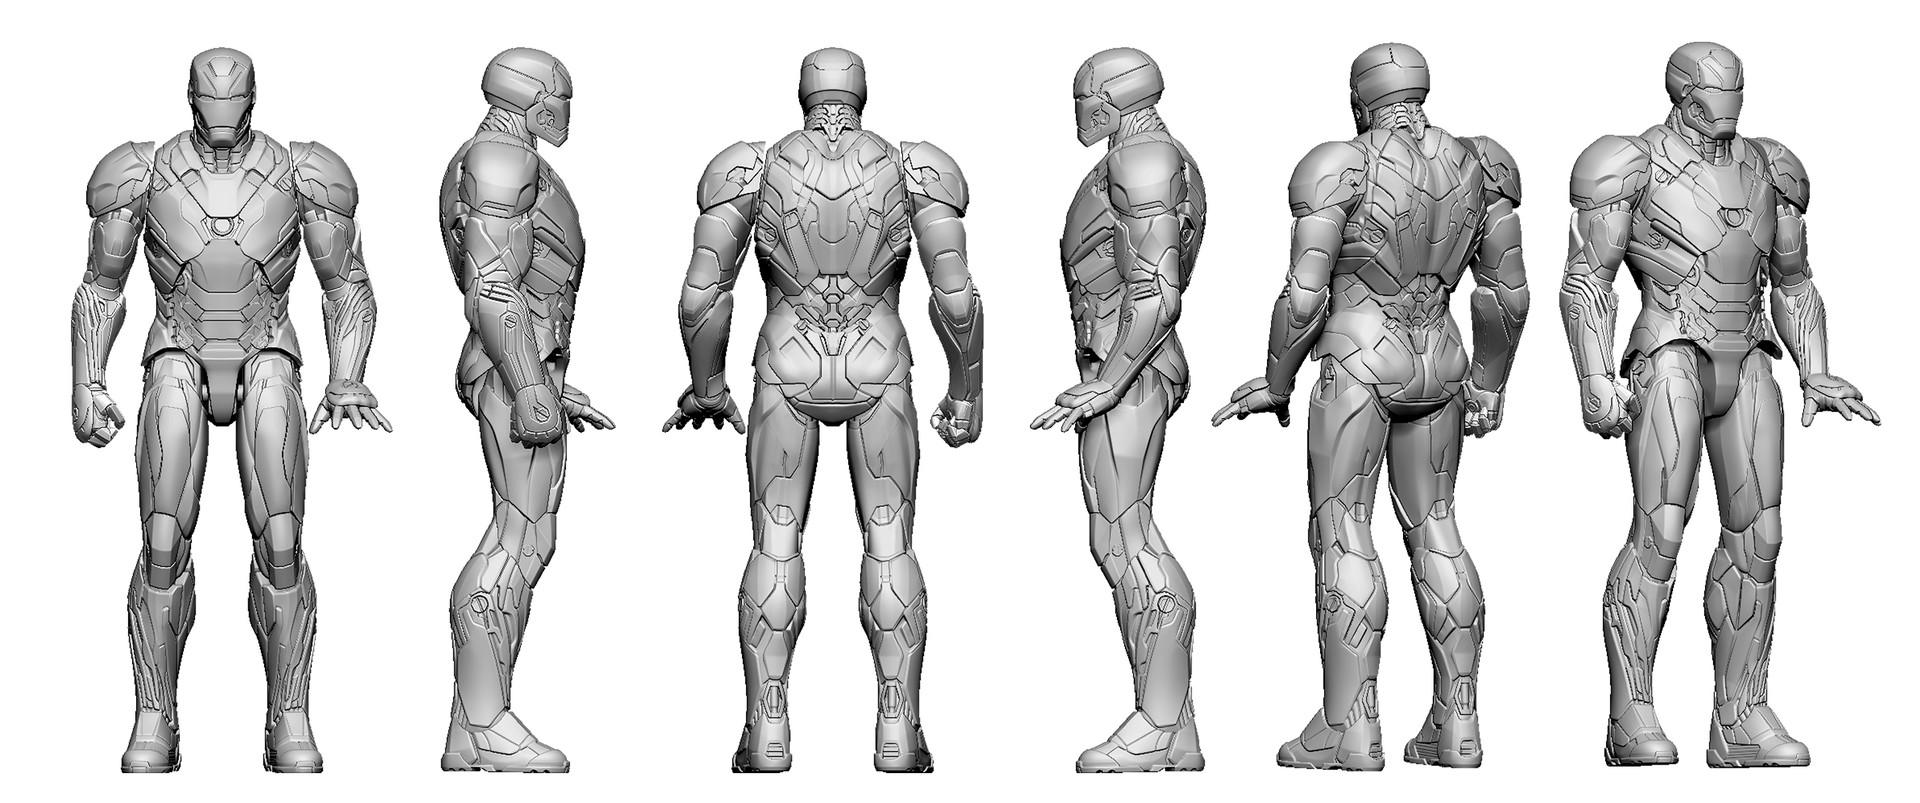 ArtStation - Iron-Man MK46 6\